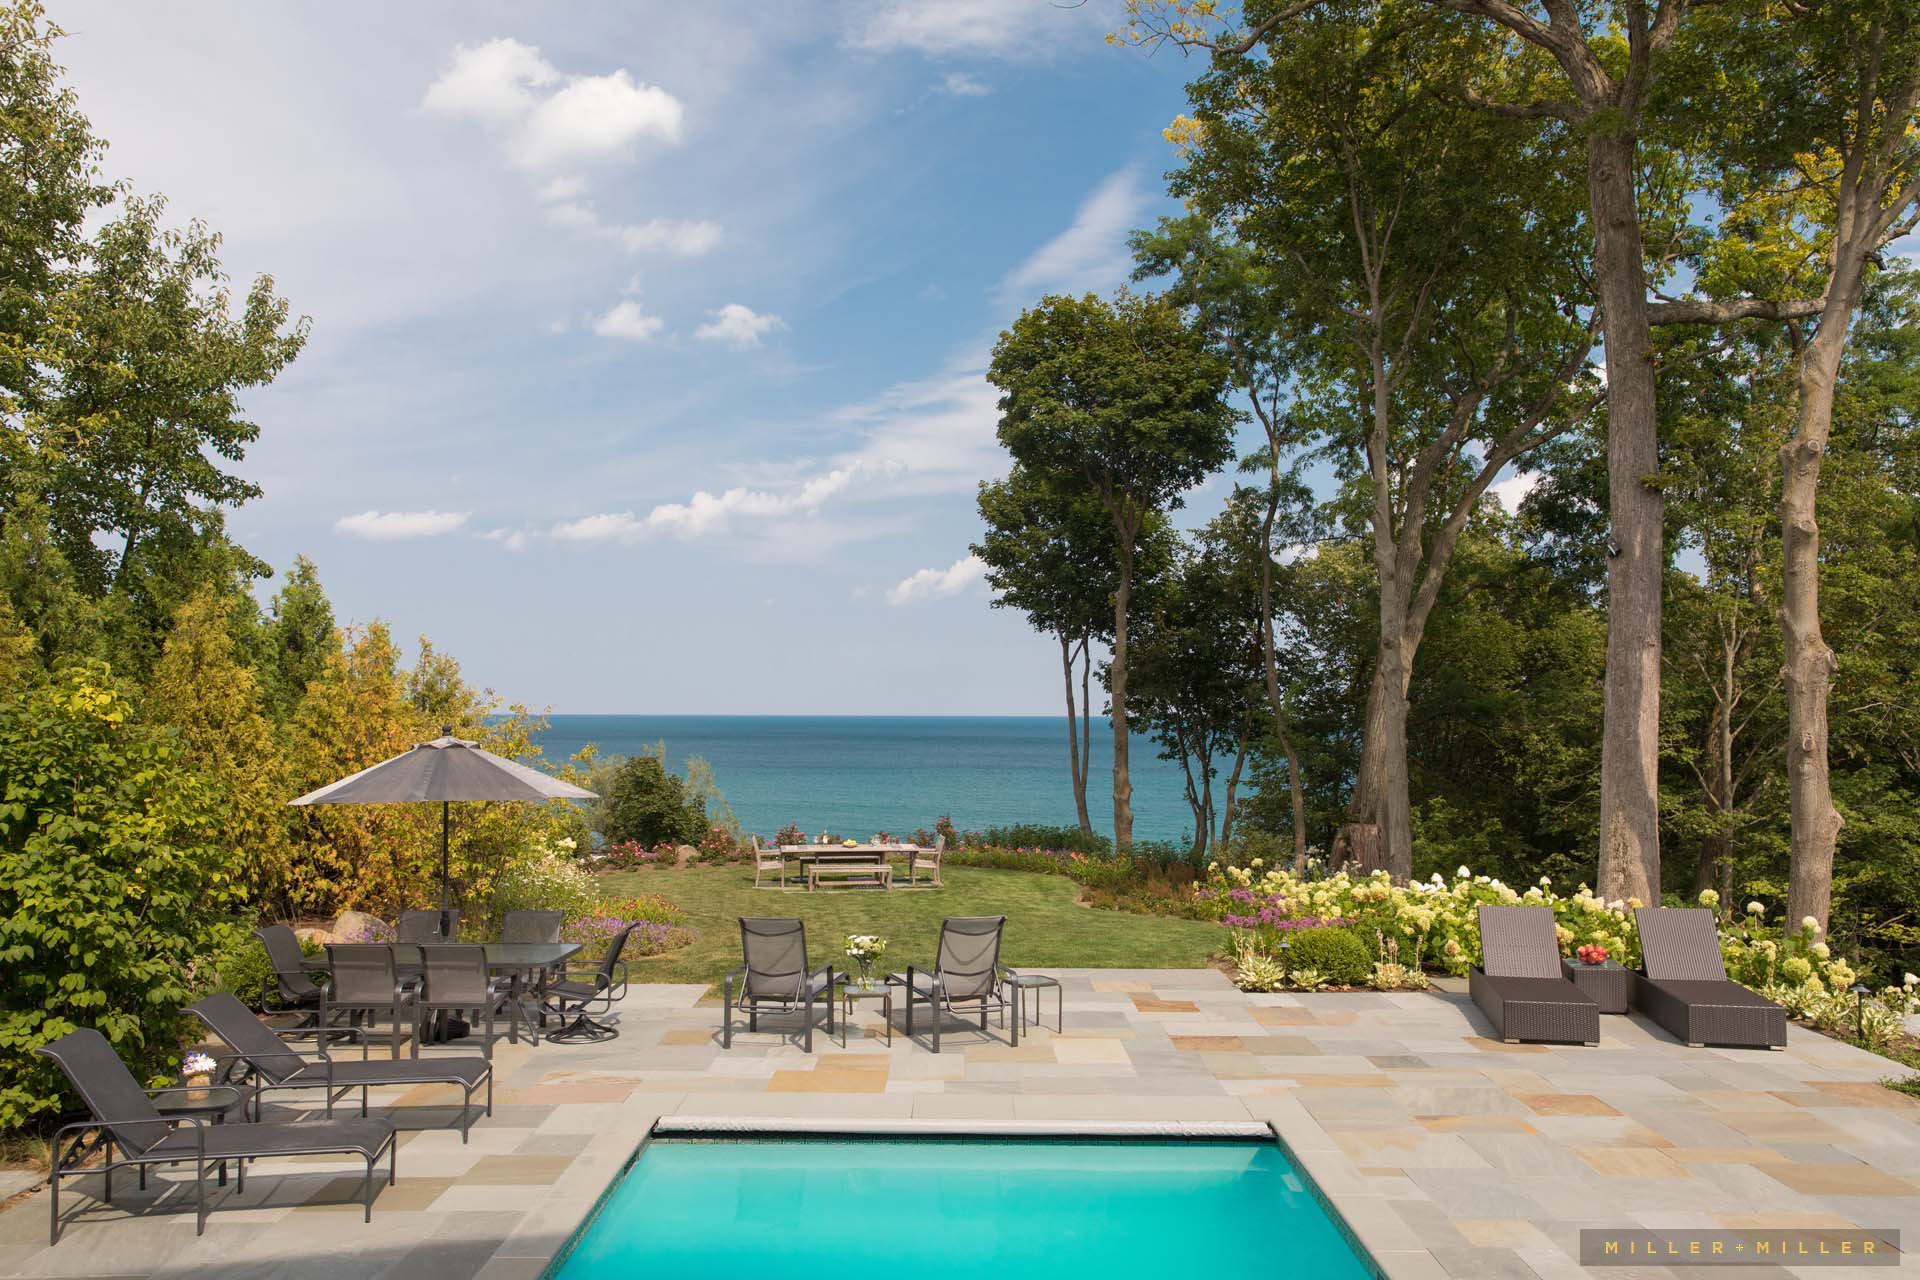 Lake Waterfront Ocean Pool Mansion Michigan